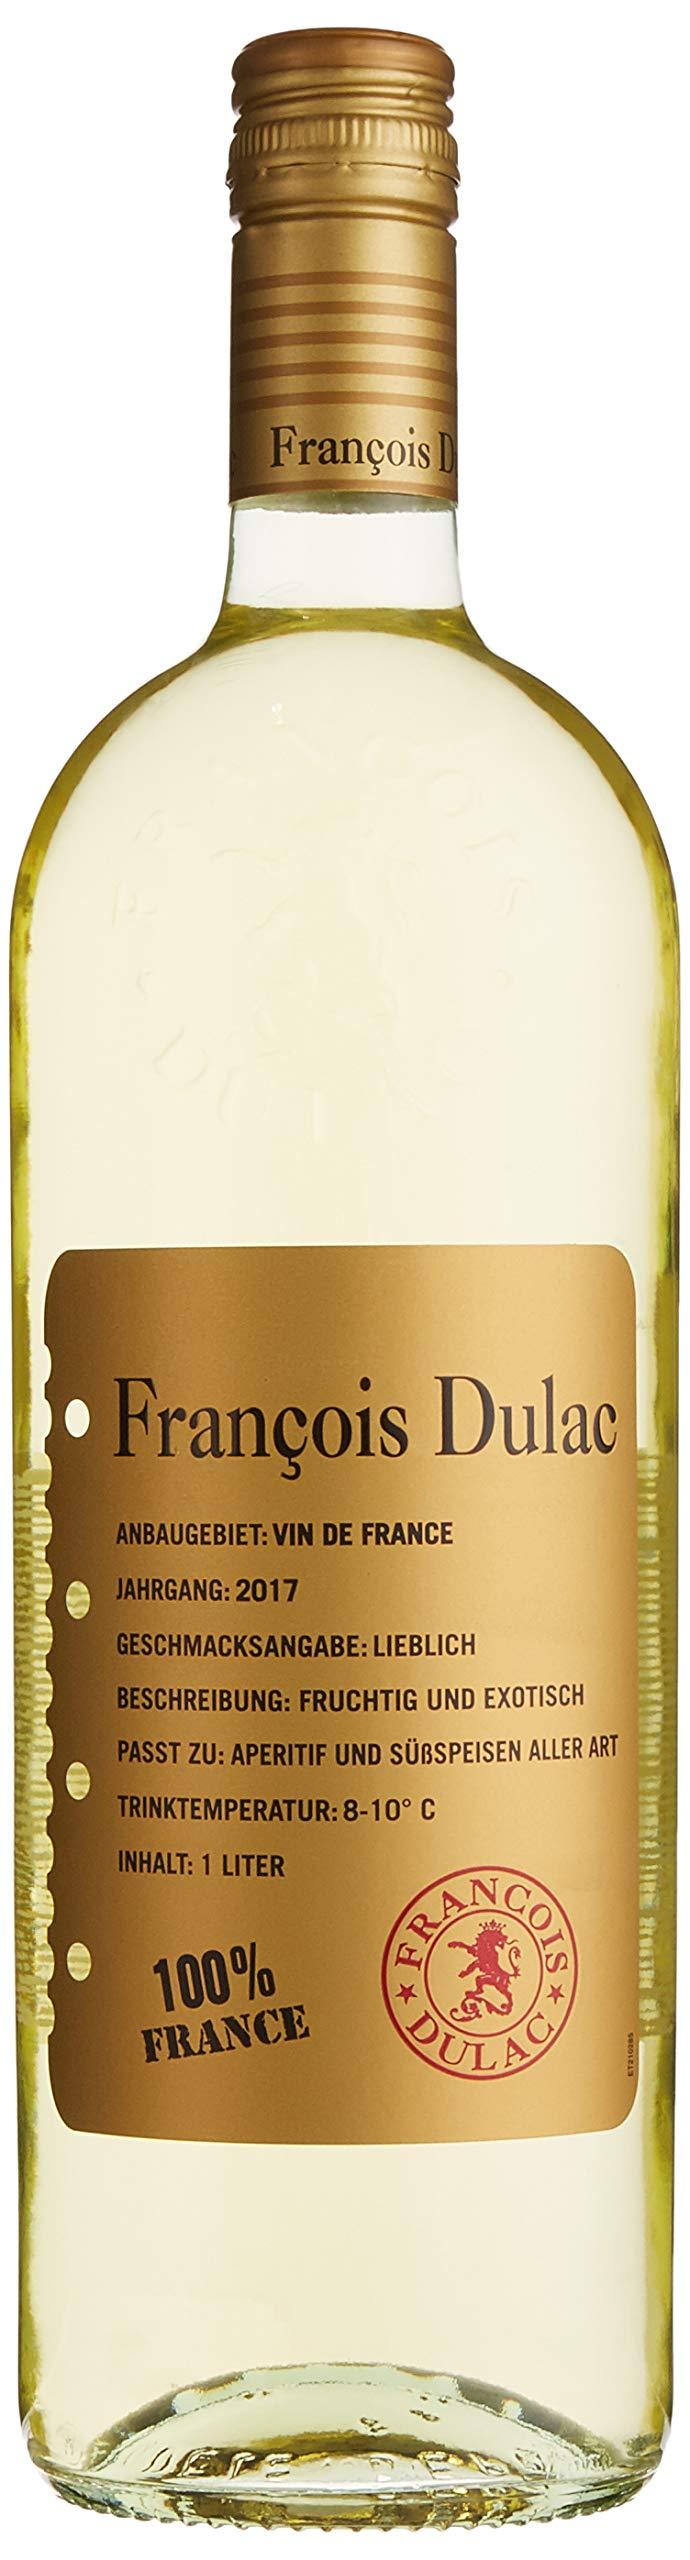 Francois-Dulac-Cuve-Lieblich-6-x-1-l